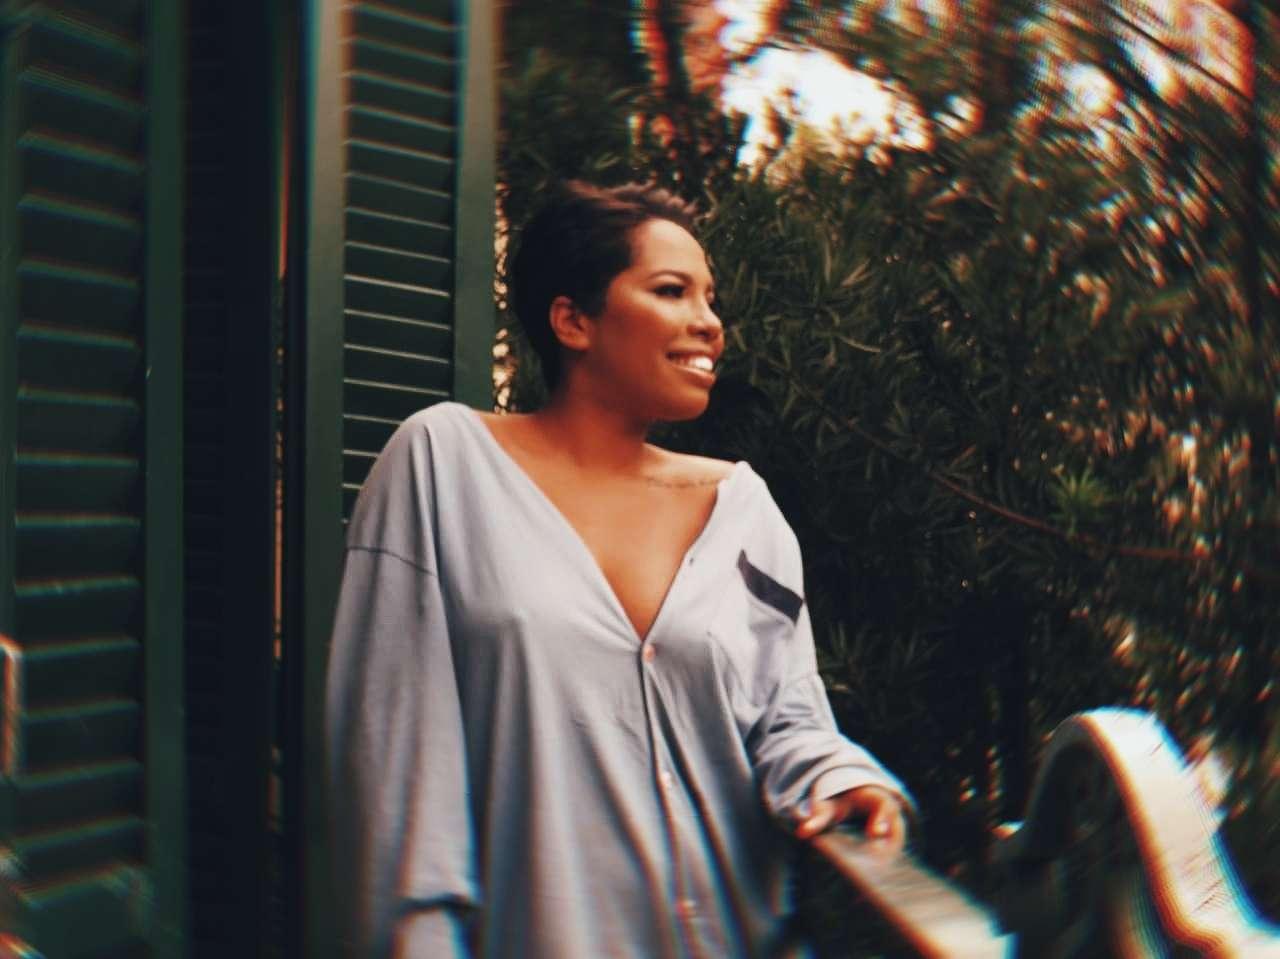 Temporada de shows da cantora Pamela Maranhão